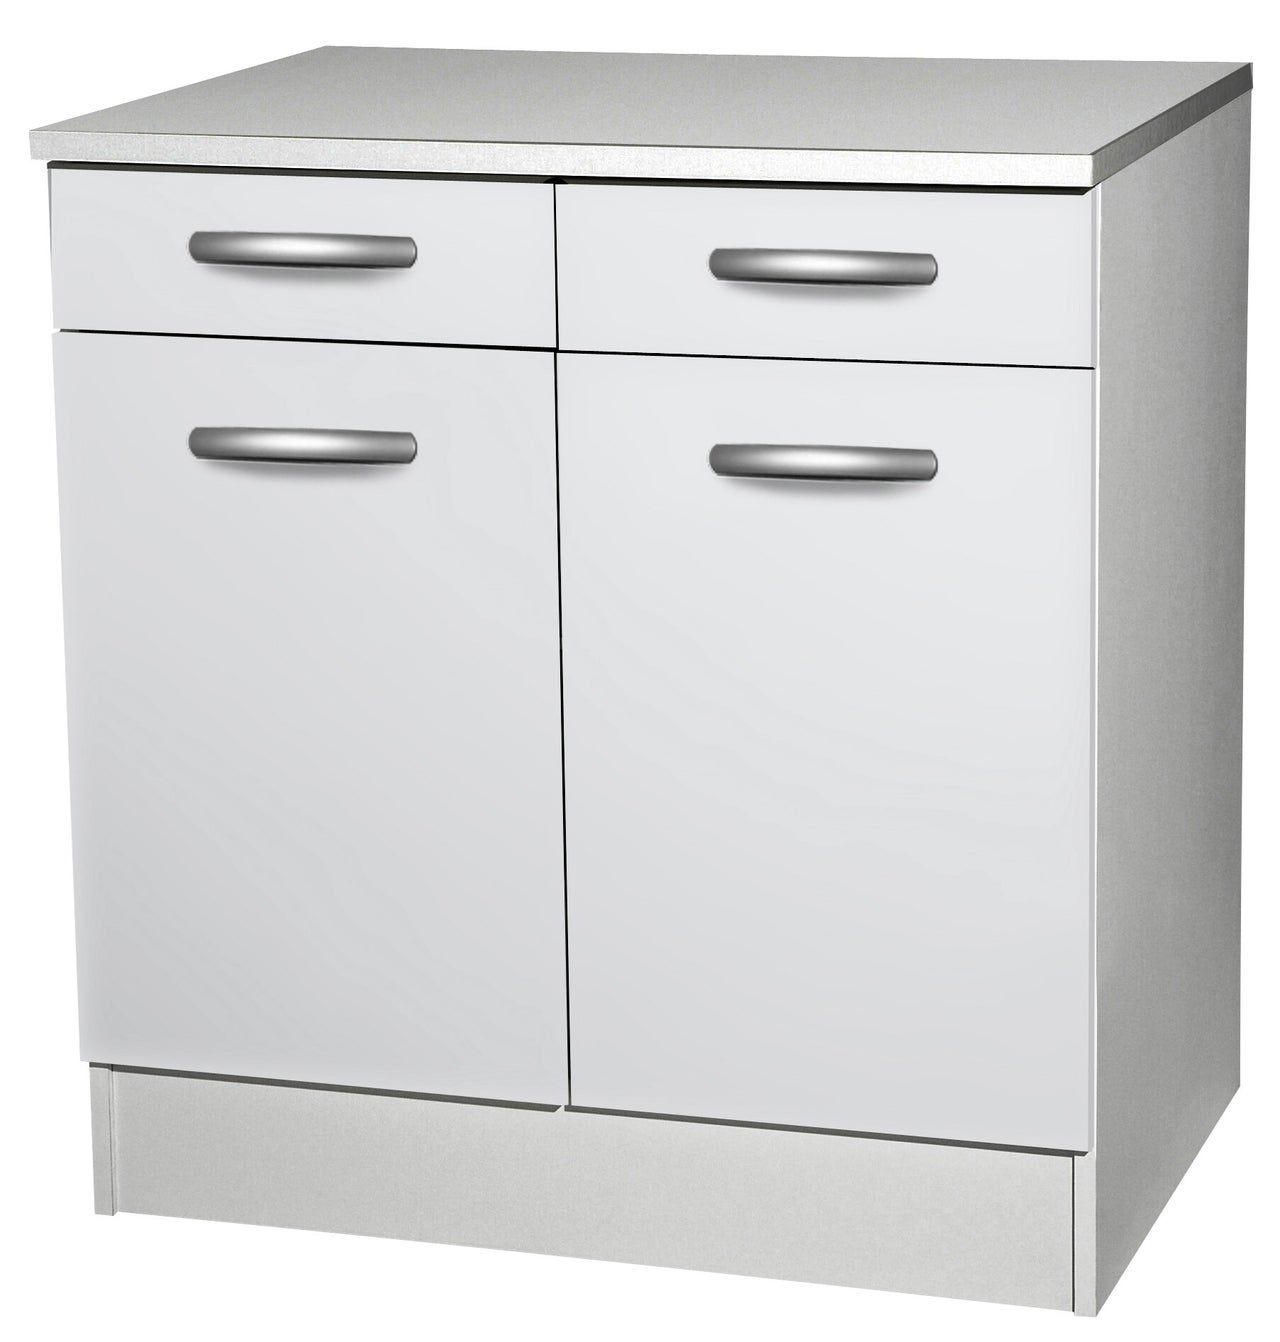 Meuble de cuisine bas 112 portes + 112 tiroirs, blanc, h12x l12x p12cm